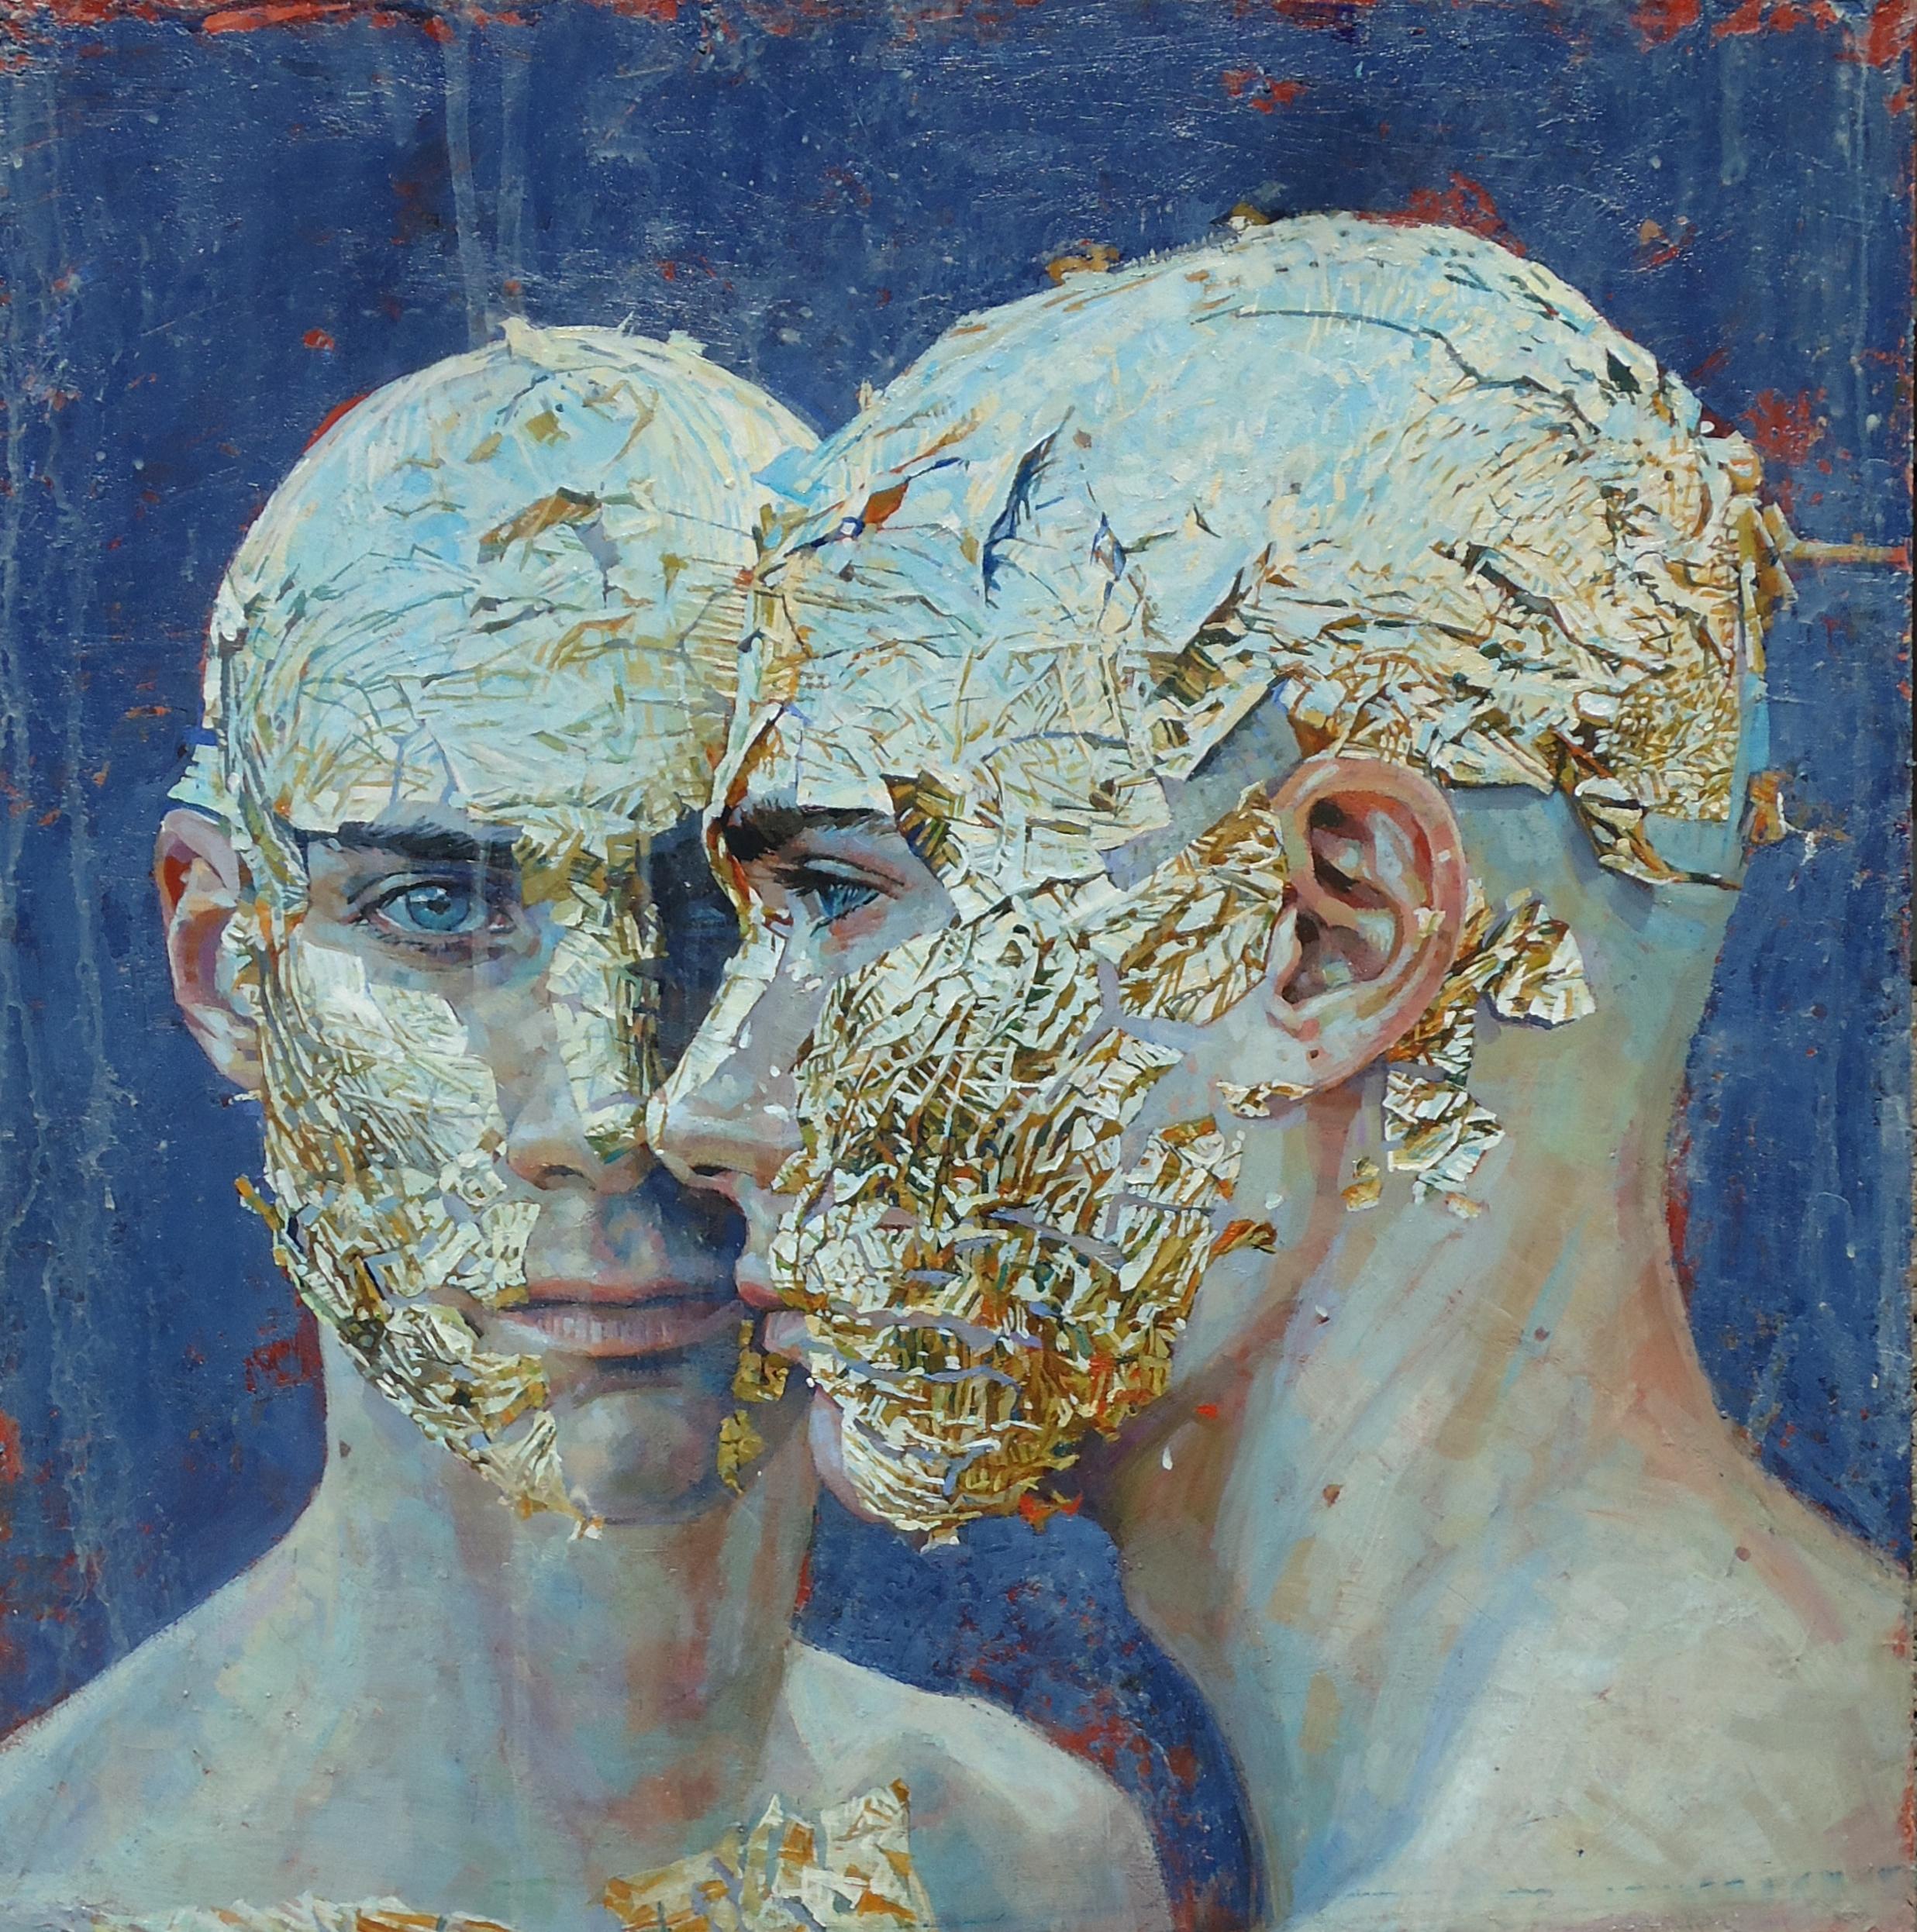 Étude pour Ulysse (mirror)